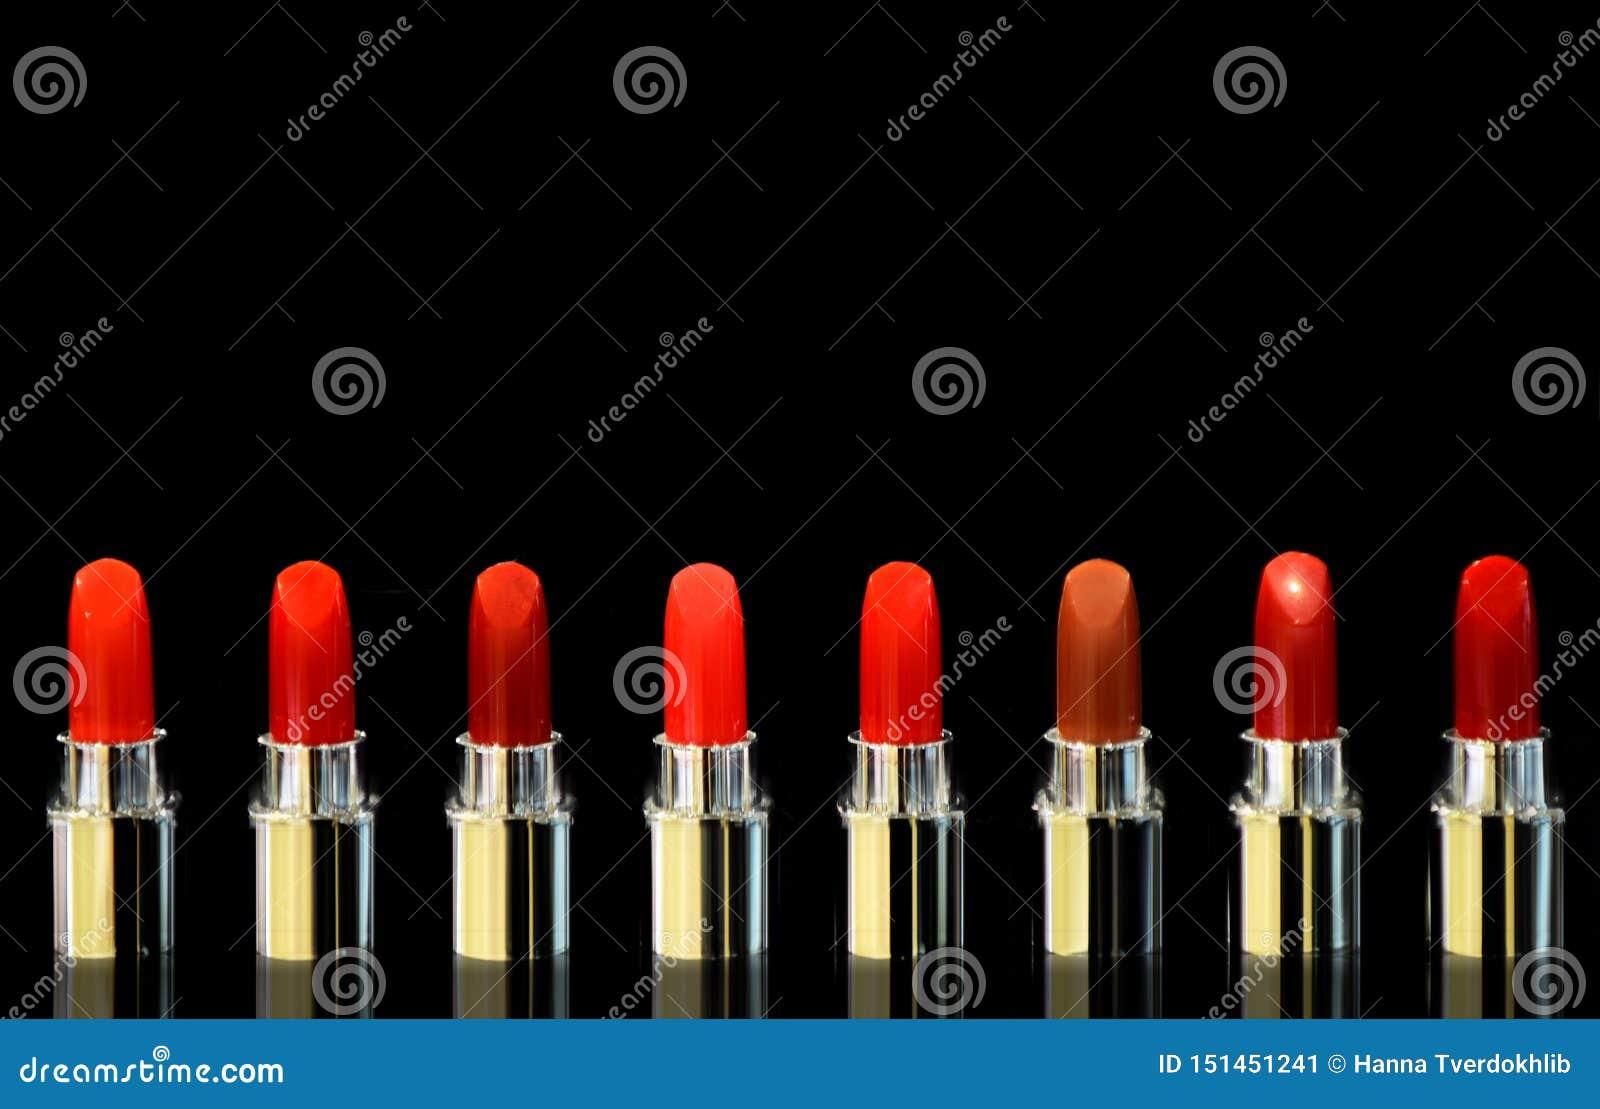 不同颜色红色口红射击  r 化妆用品概念 美好的豪华现代上流